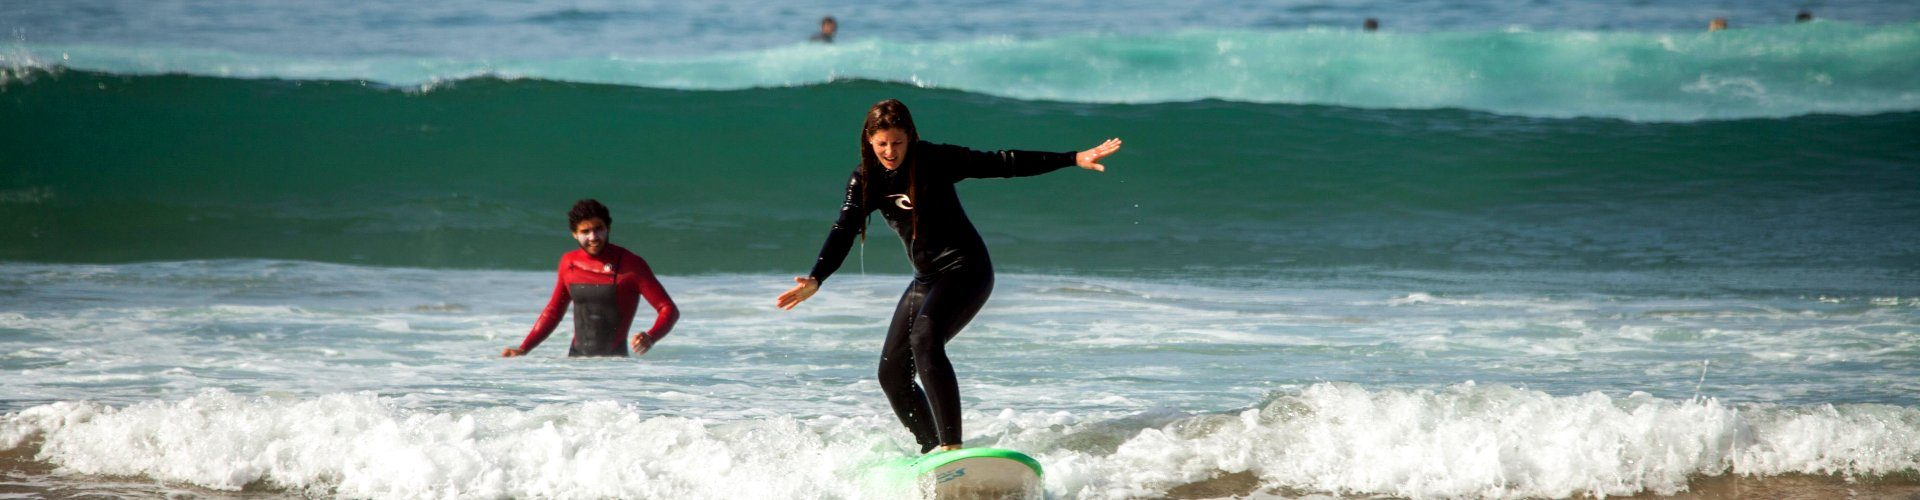 Surfcamp Afrika Marokko Taghazout